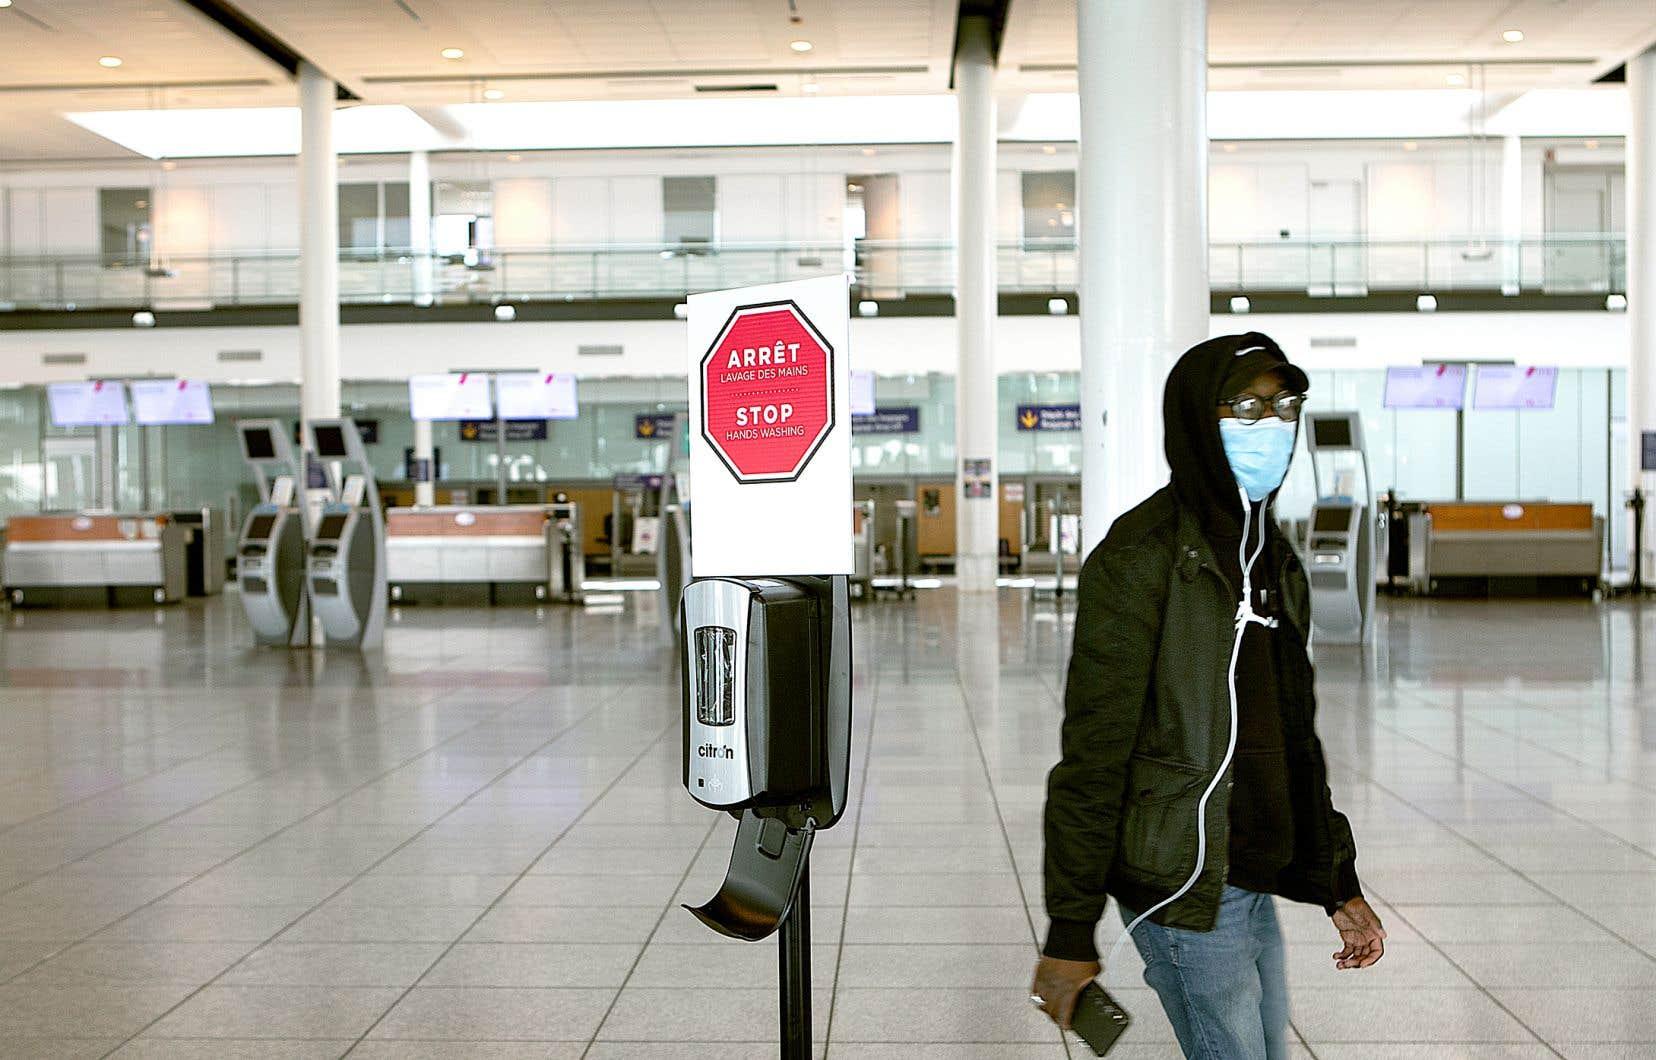 Dès le 20avril, les voyageurs qui prennent l'avion devront porter «un masque non médical ou un couvre-visage pour se couvrir le nez et la bouche pendant le voyage».